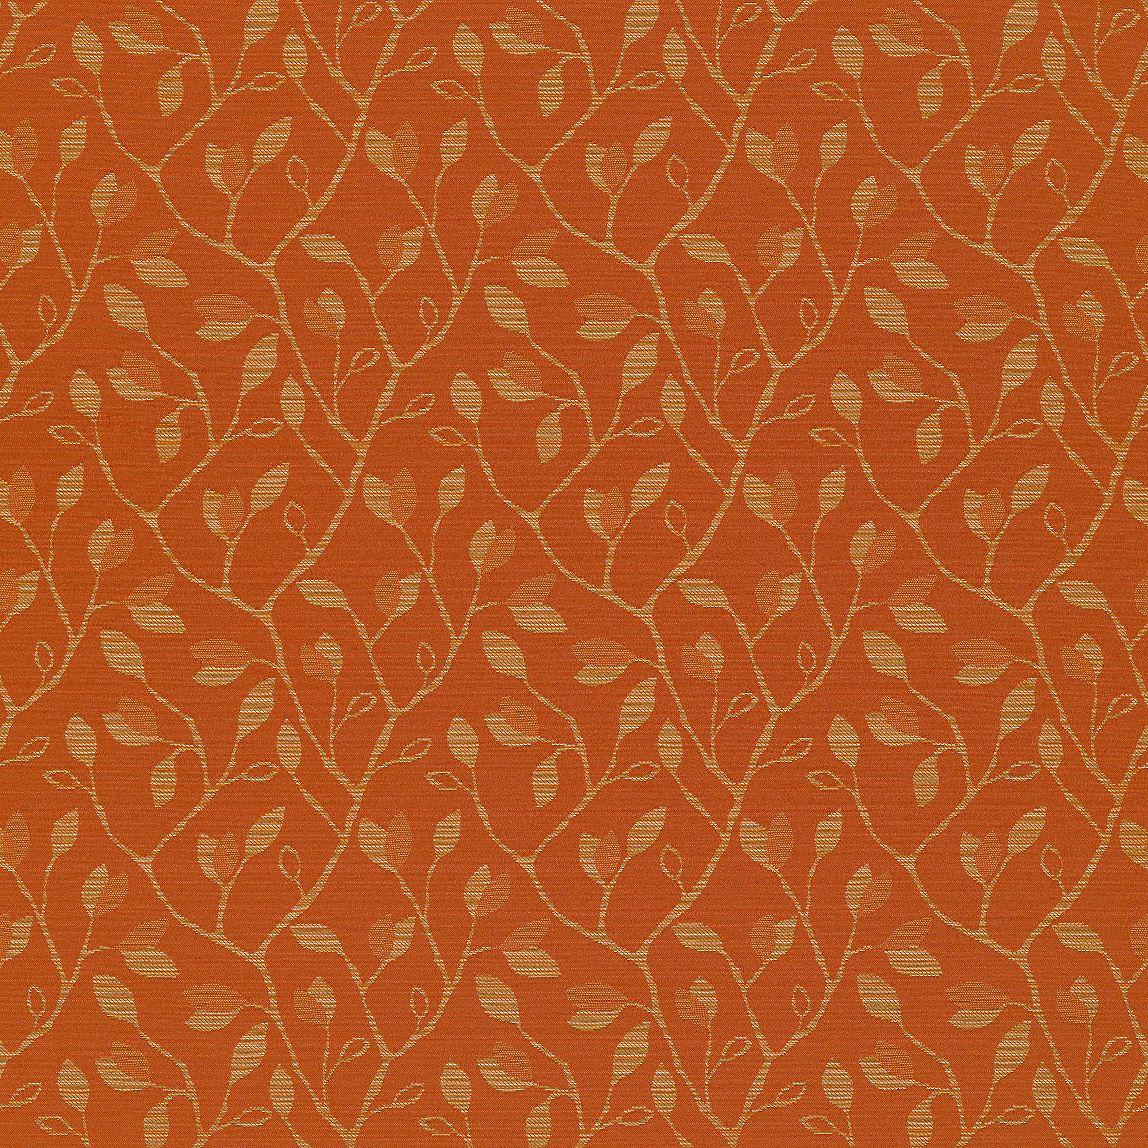 Twiggy Saffron Swatch